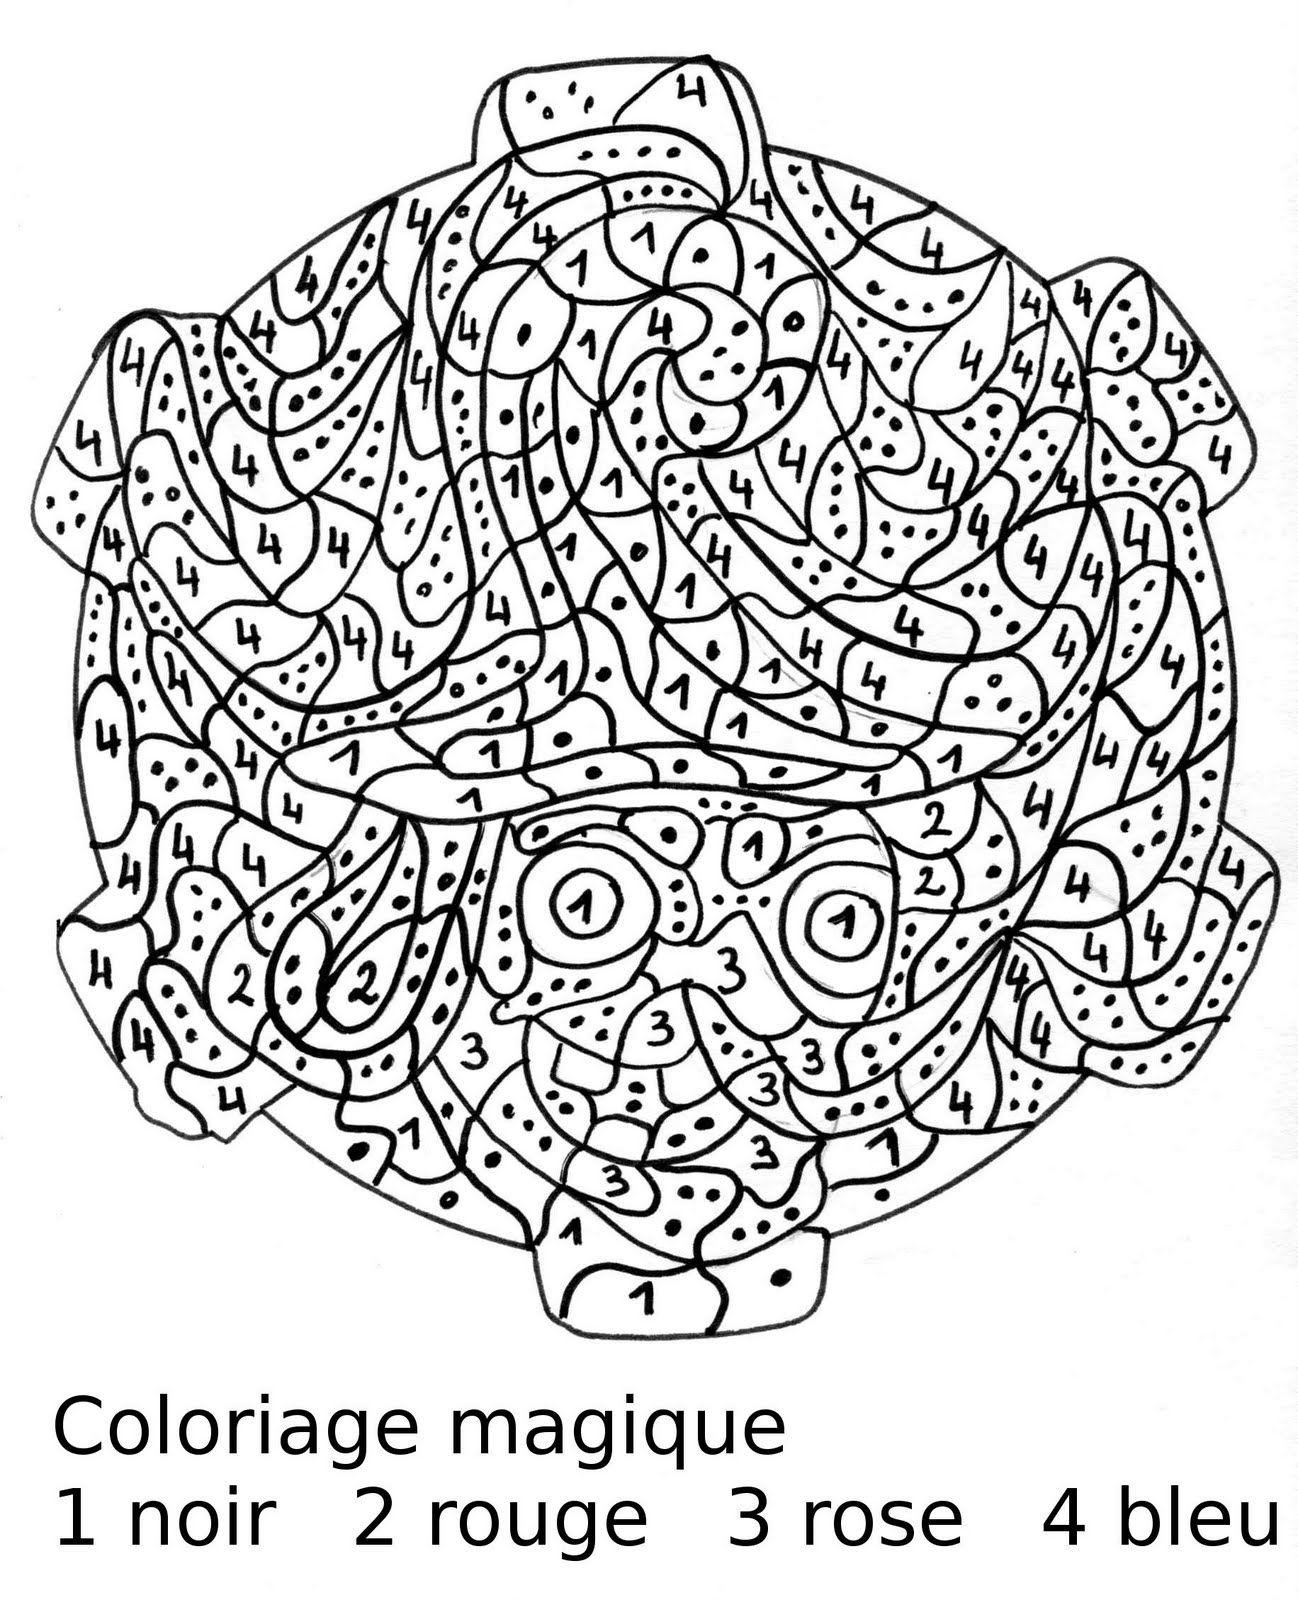 Maternelle Coloriage magique portrait de sorci¨re au chapeau